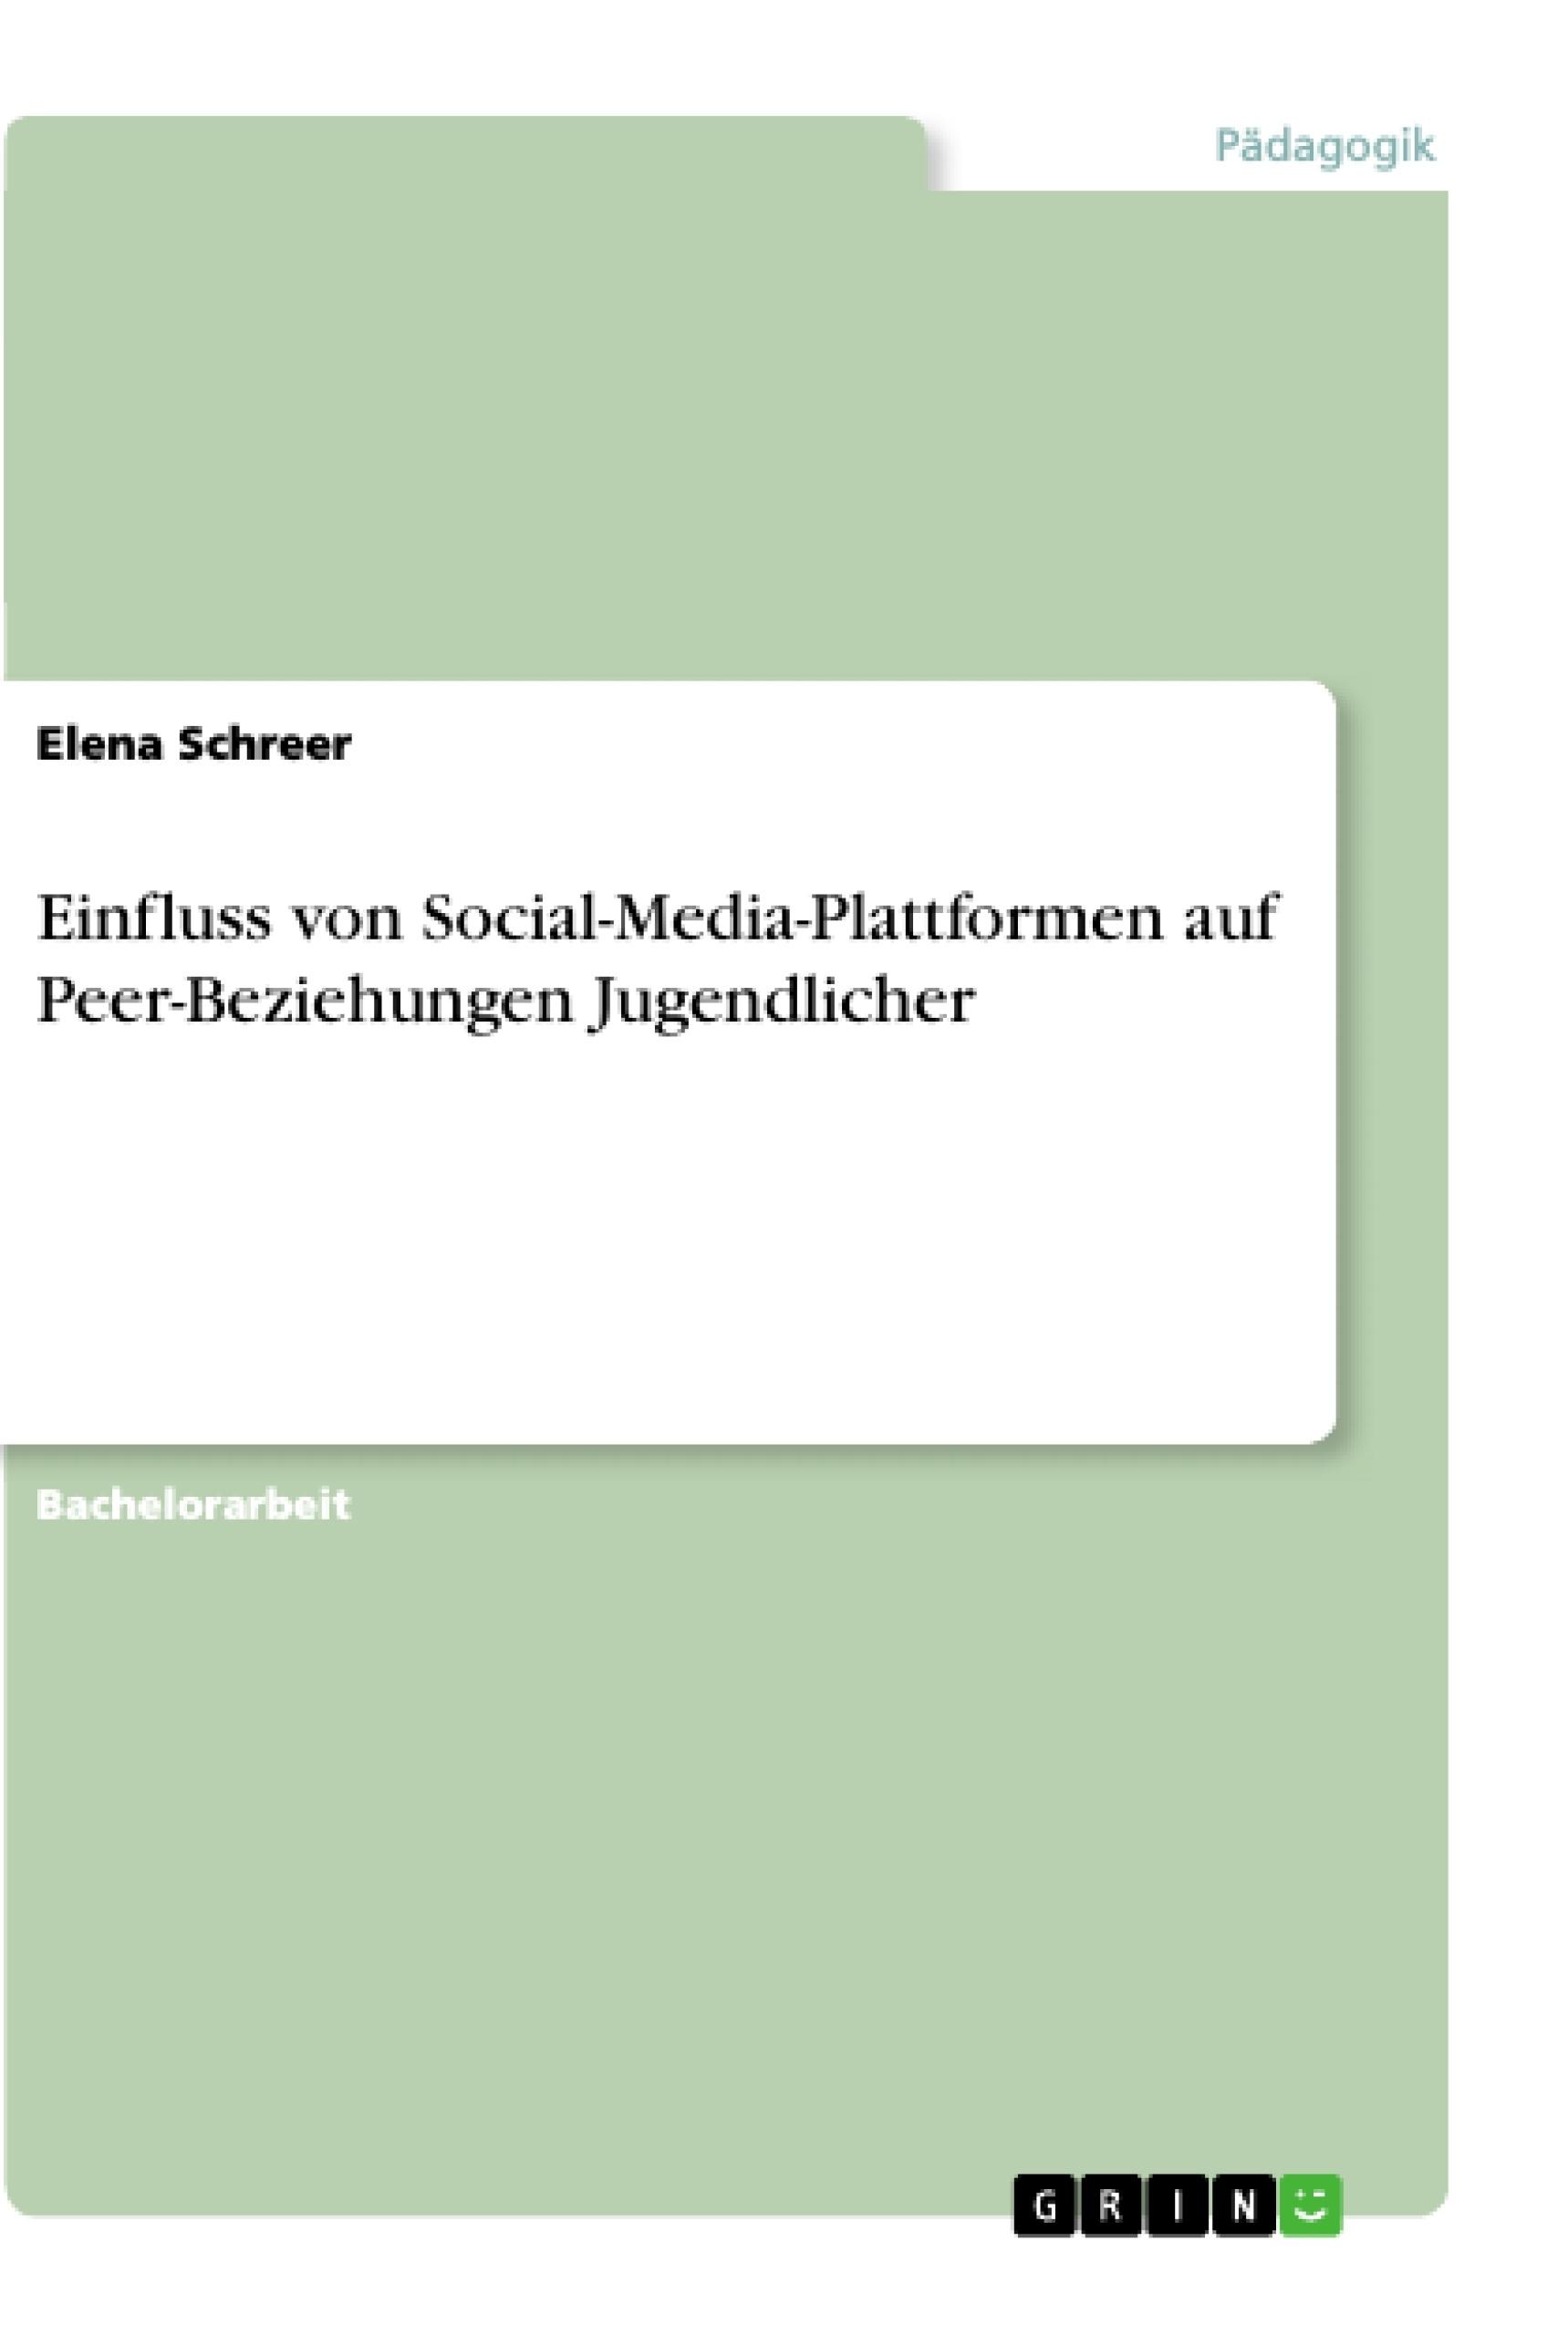 Titel: Einfluss von Social-Media-Plattformen auf Peer-Beziehungen Jugendlicher